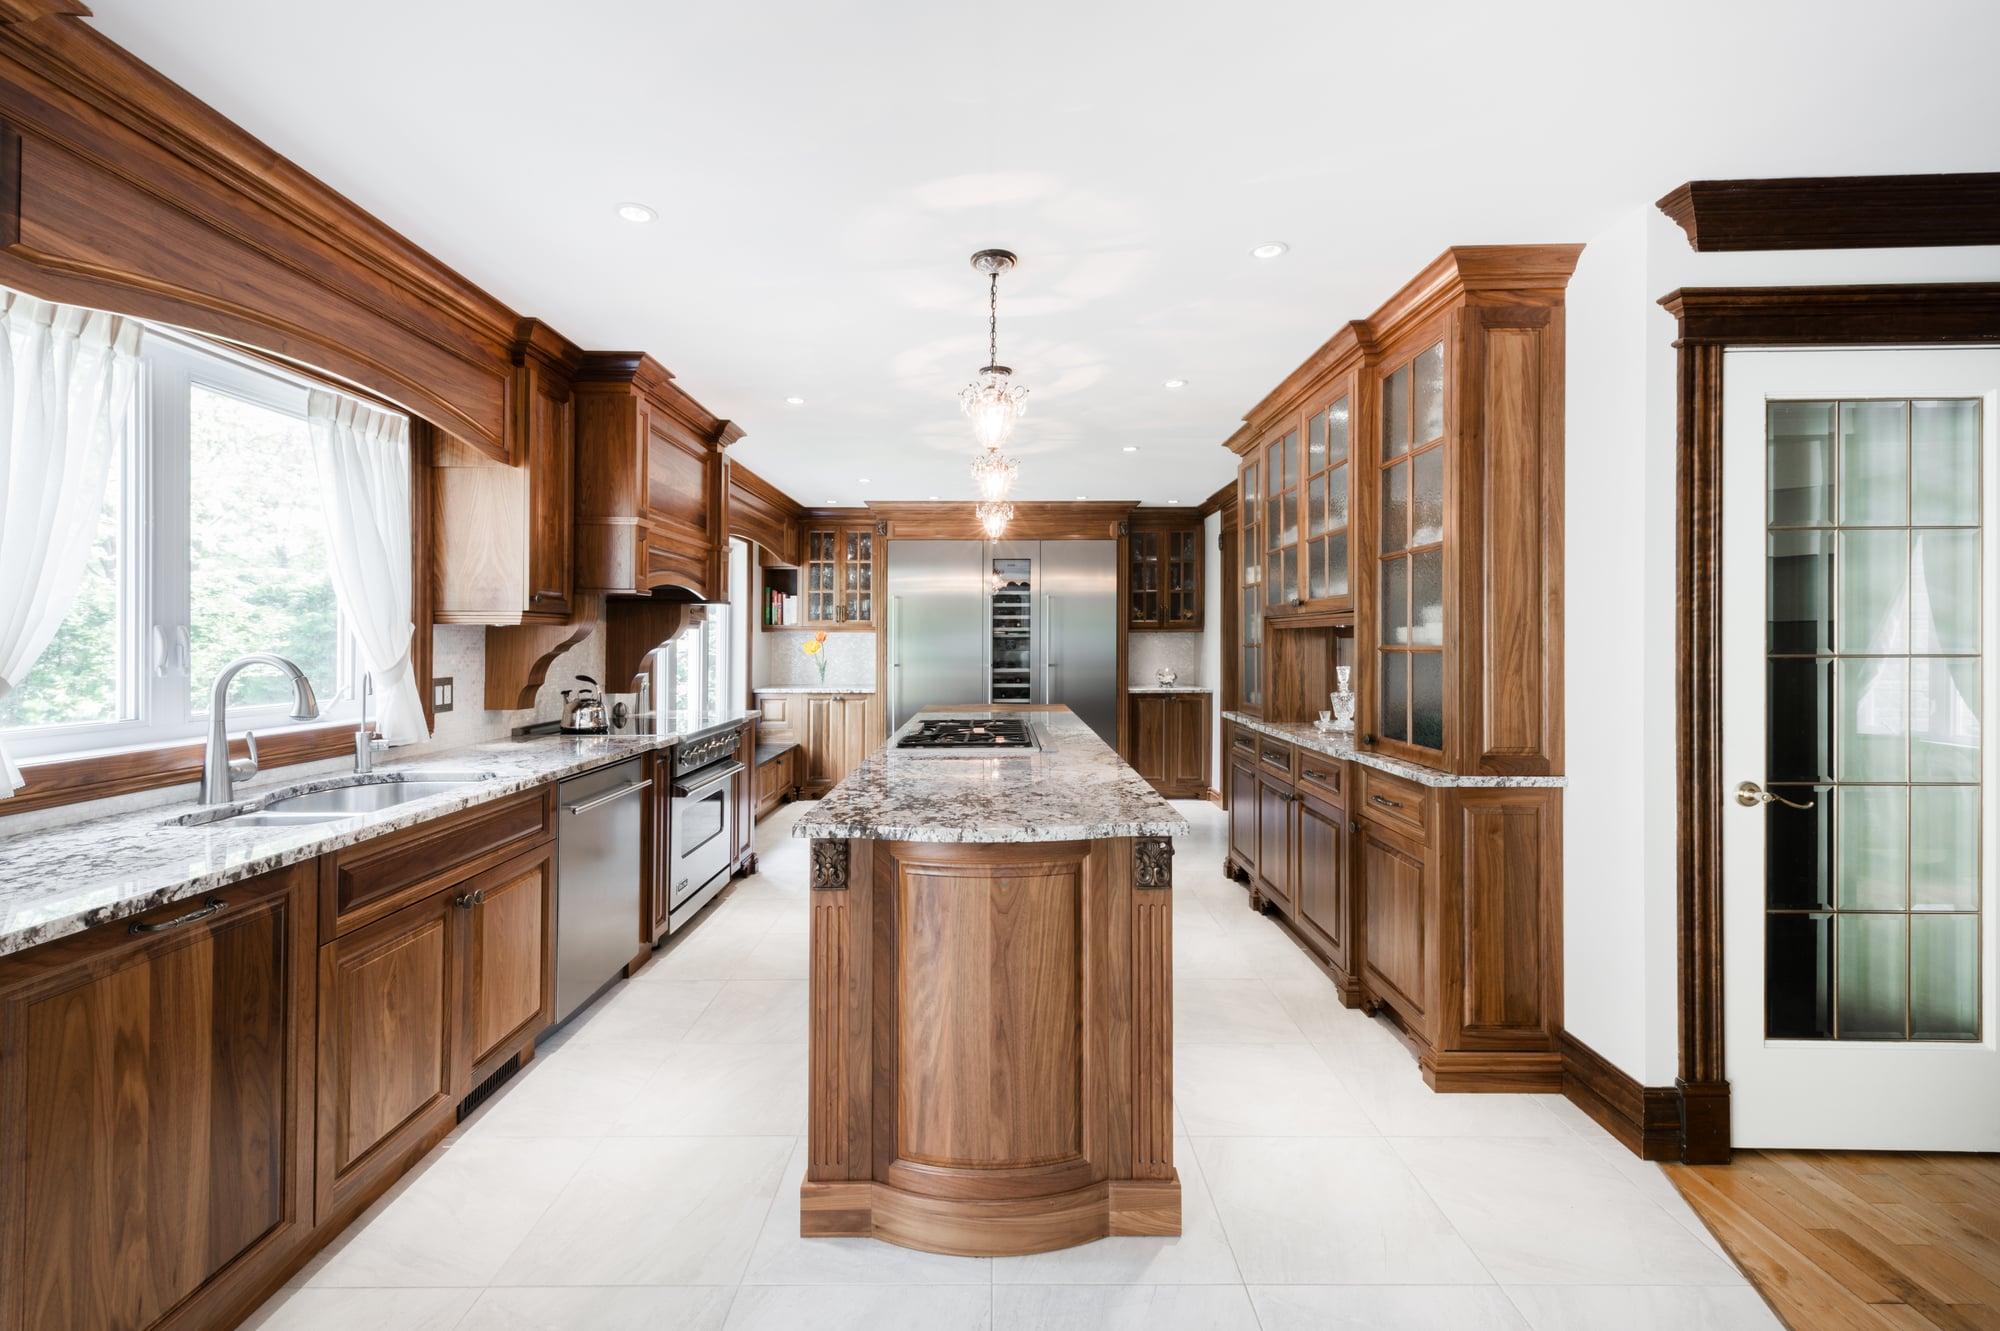 rénovation d'une cuisine classique luxueuse en bois avec îlot